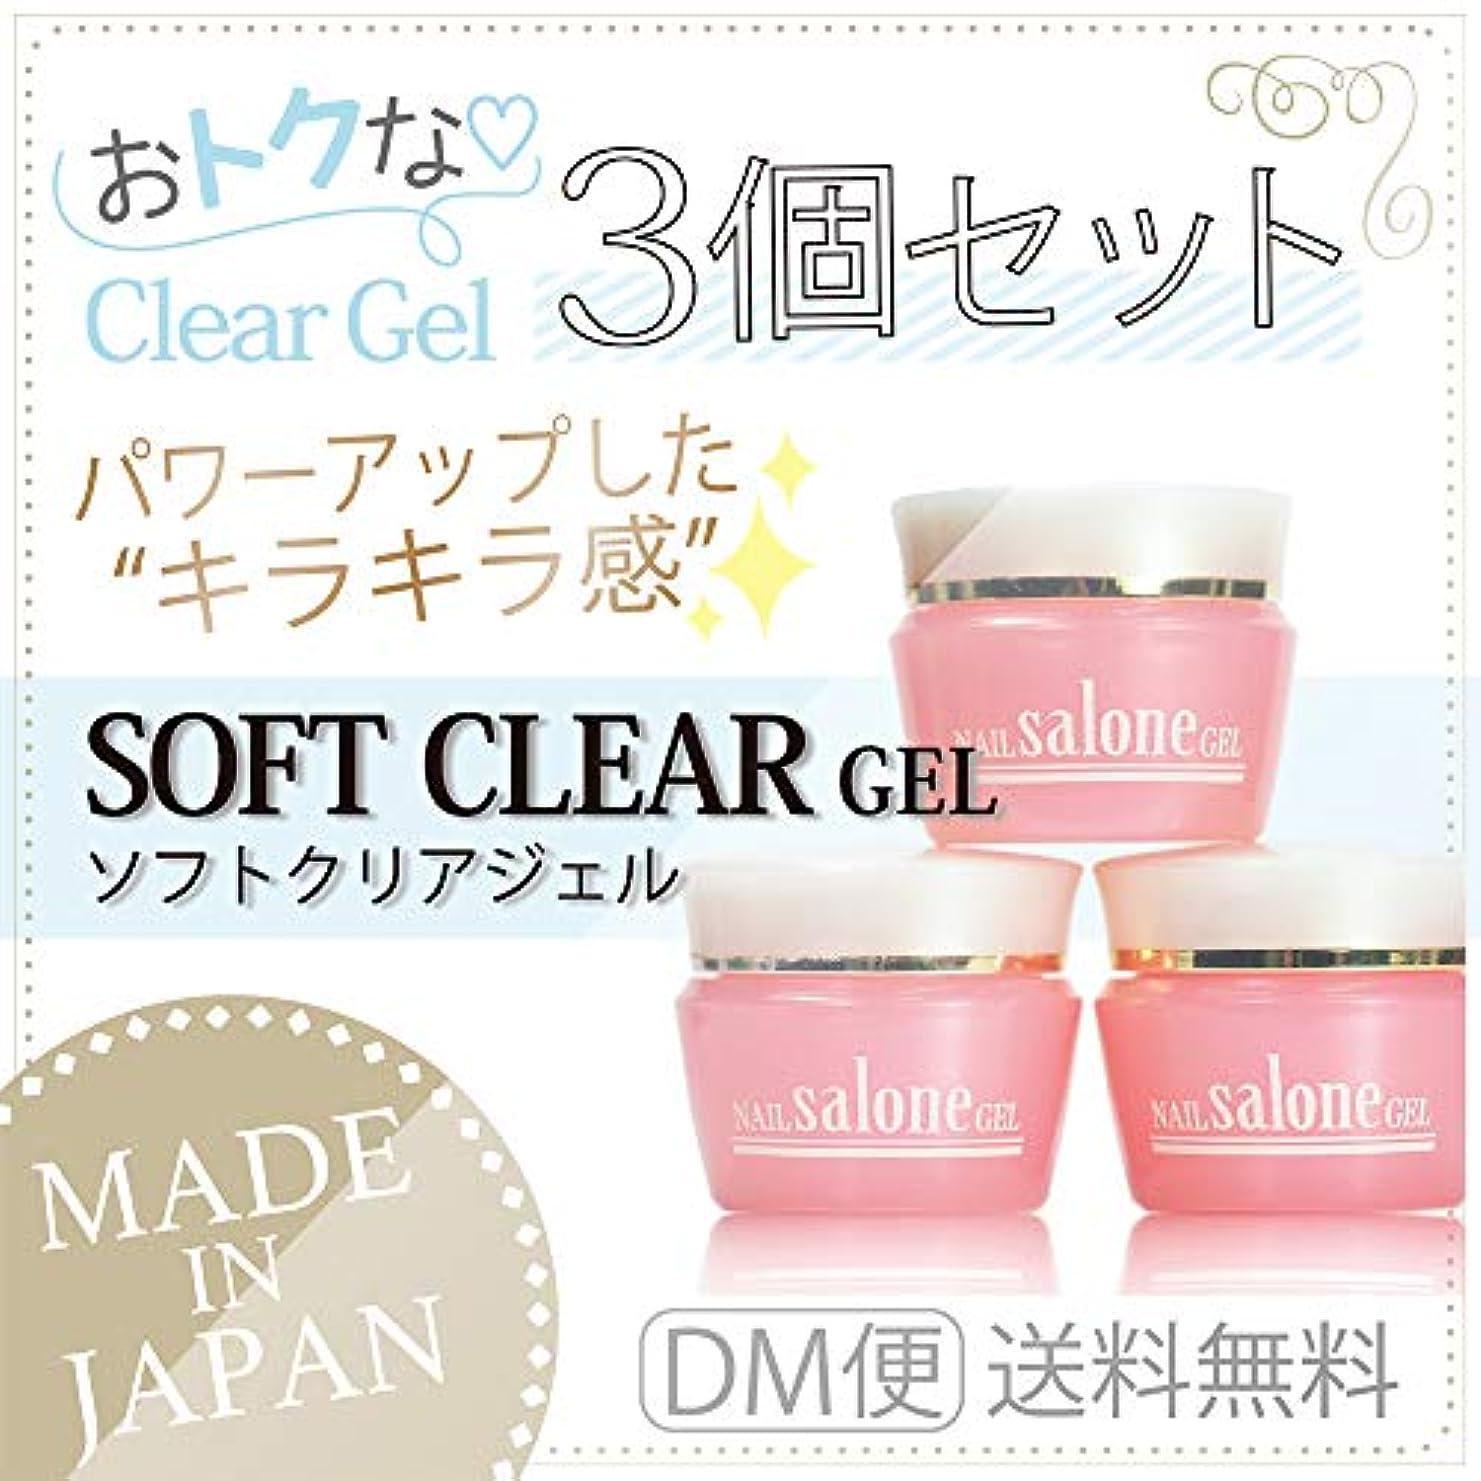 美容師知覚免除するSalone gel サローネ ソフトクリアージェル お得な3個セット ツヤツヤ キラキラ感持続 抜群のツヤ 爪に優しい日本製 3g